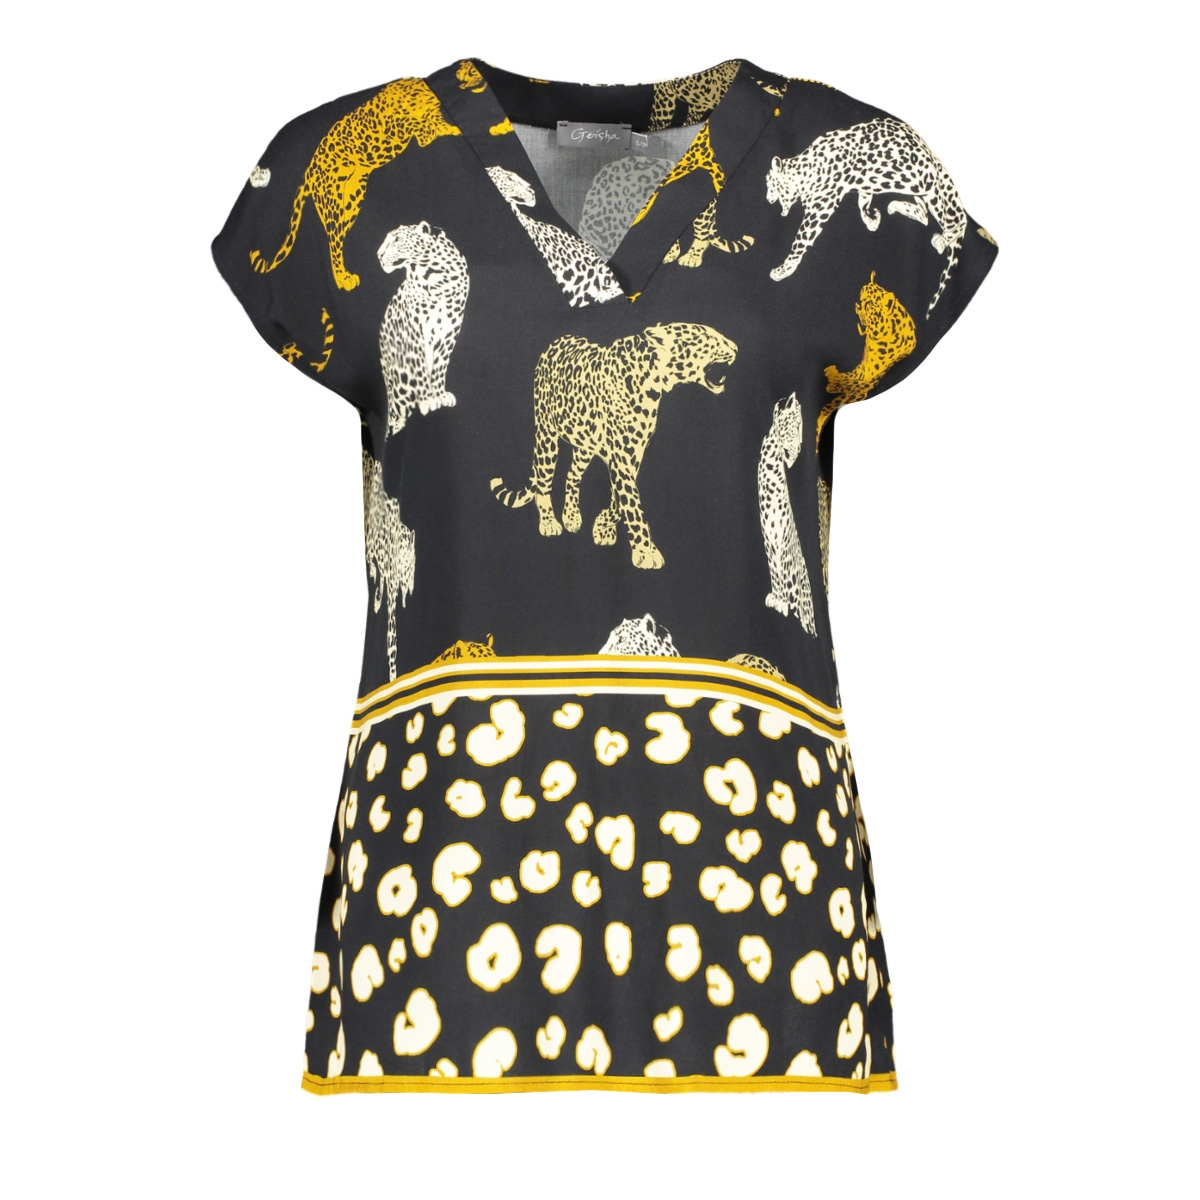 top aop leopard 03249 geisha t-shirt black/sand combi